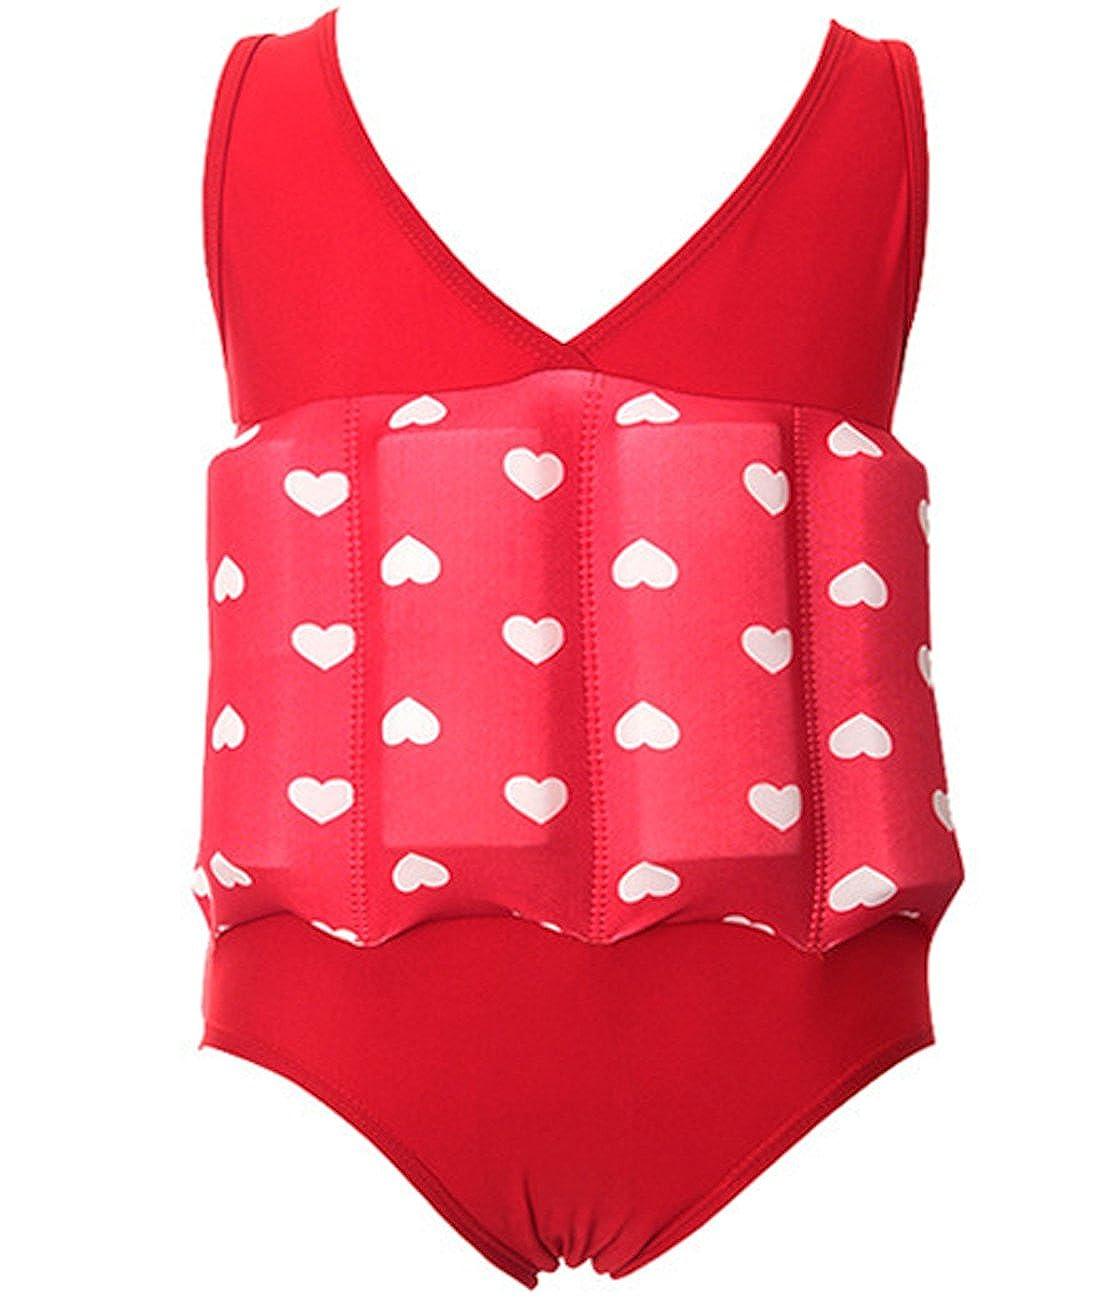 KJY Girls One Piece Swimsuit Buoyancy Bathing Suit Float Suit Swimwear